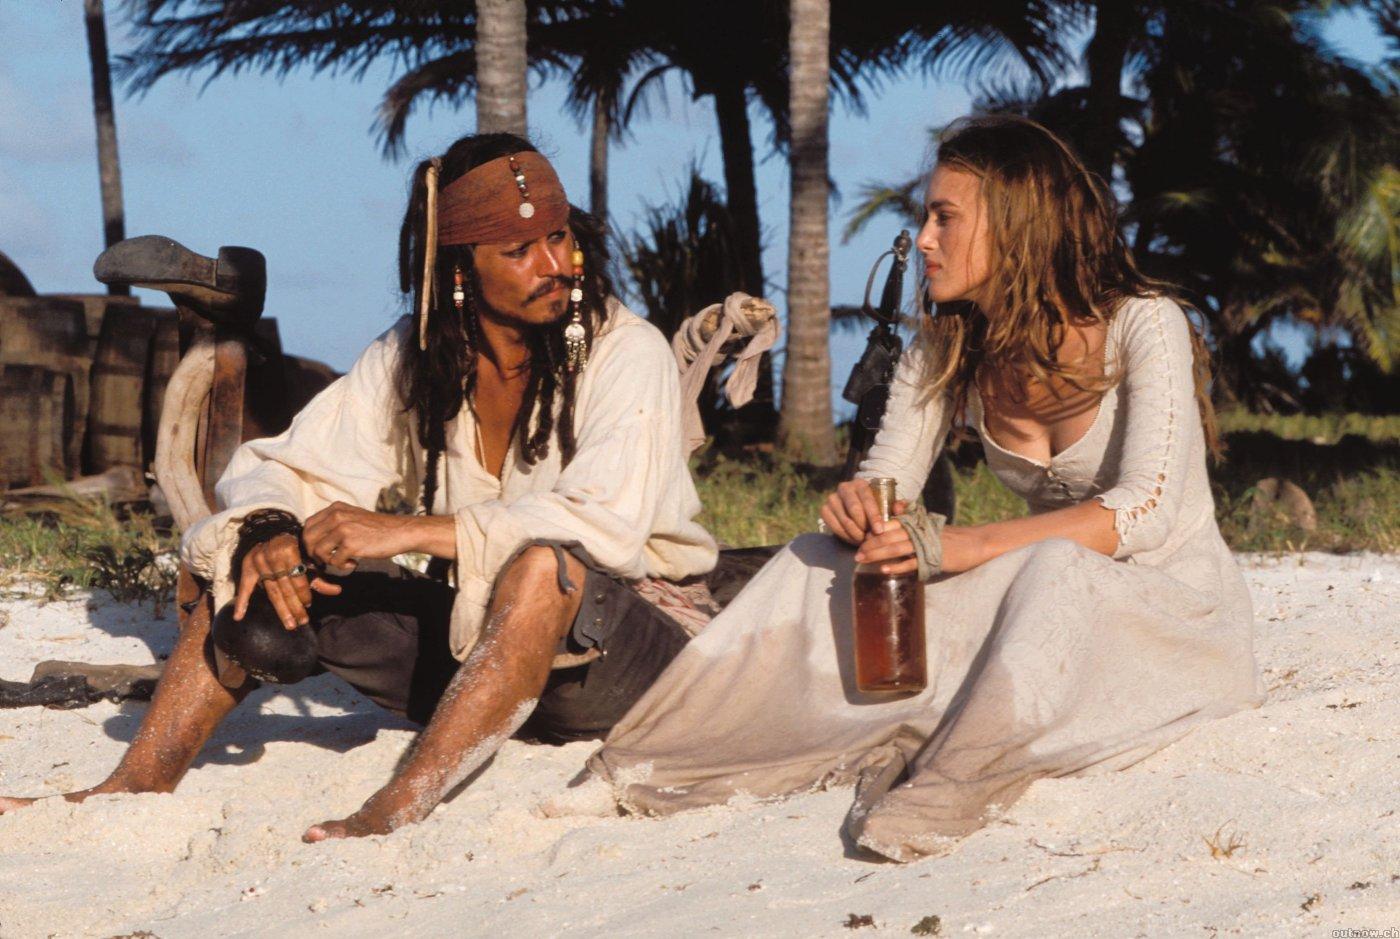 Pirats film sex scene image fucked clip